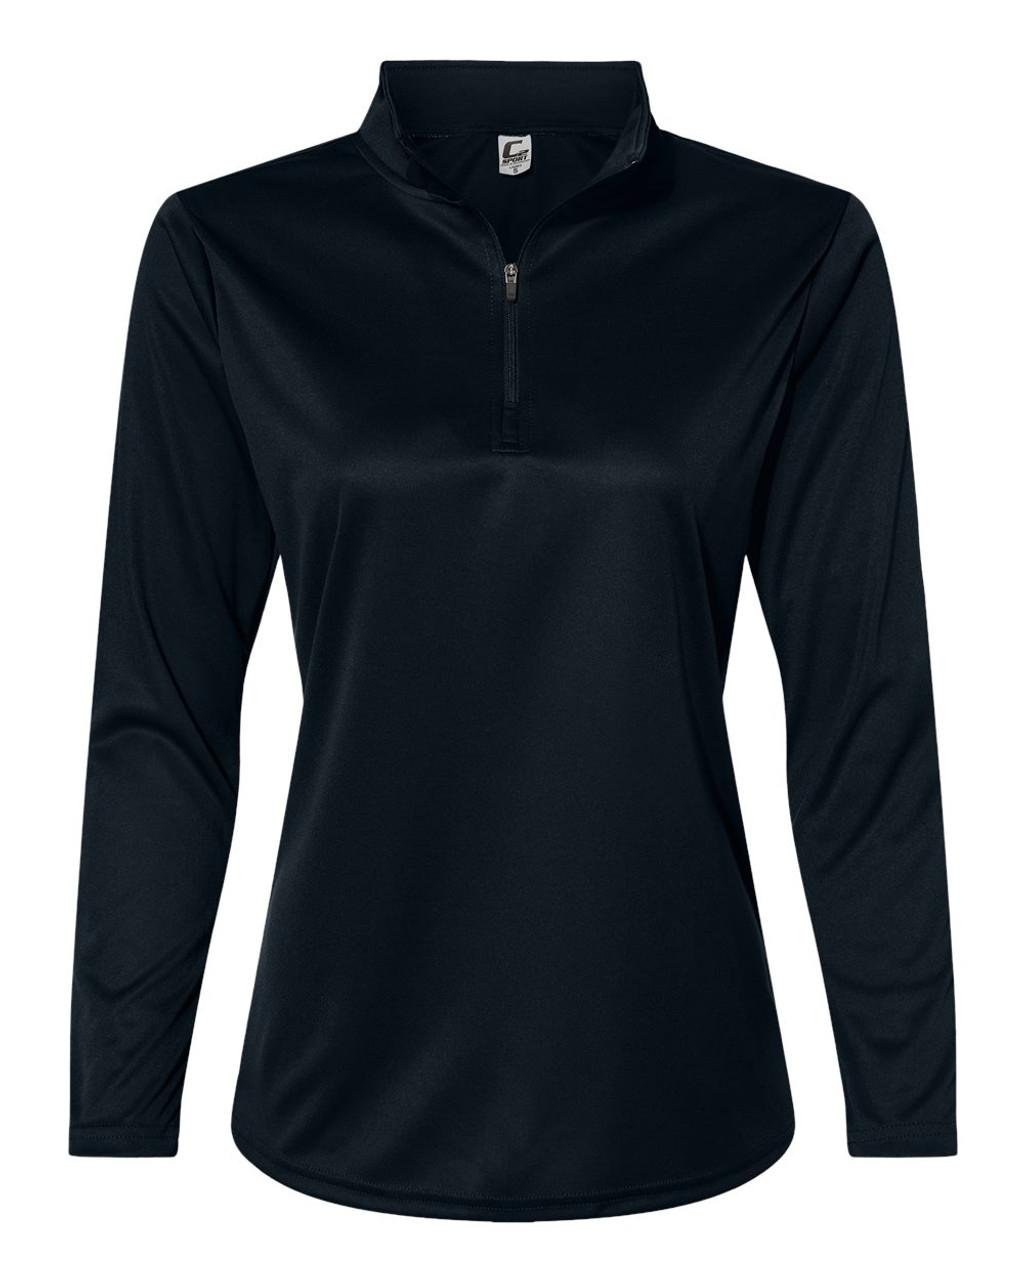 5602 C2 Sport Women's Qarter-Zip-Pullover Sweatshirt | T-shirt.ca